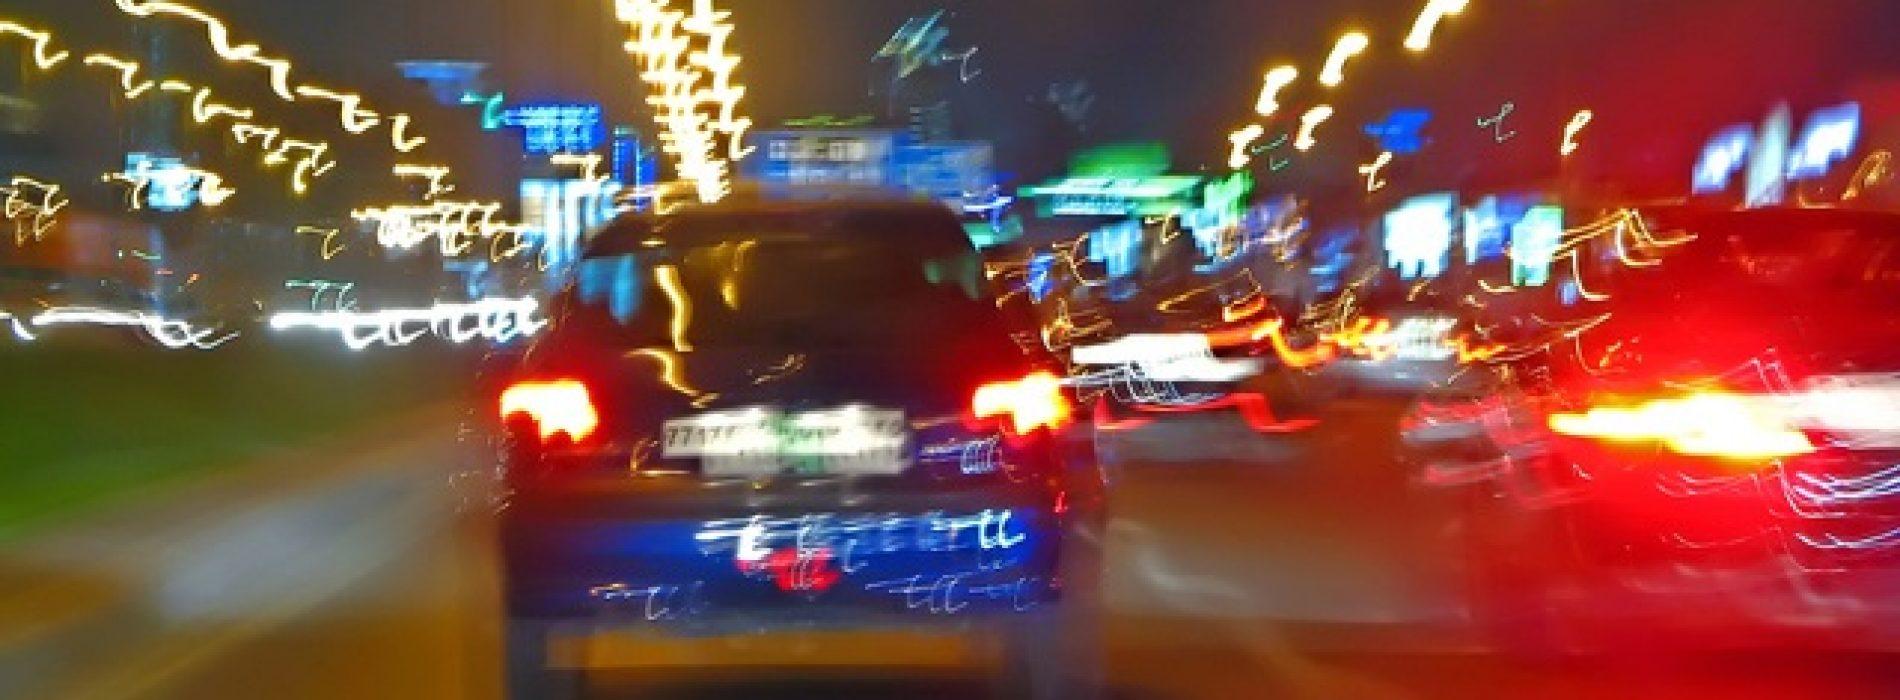 Jumătate dintre bucureșteni se deplasează doar cu mașina, arată ultimul raport Greenpeace